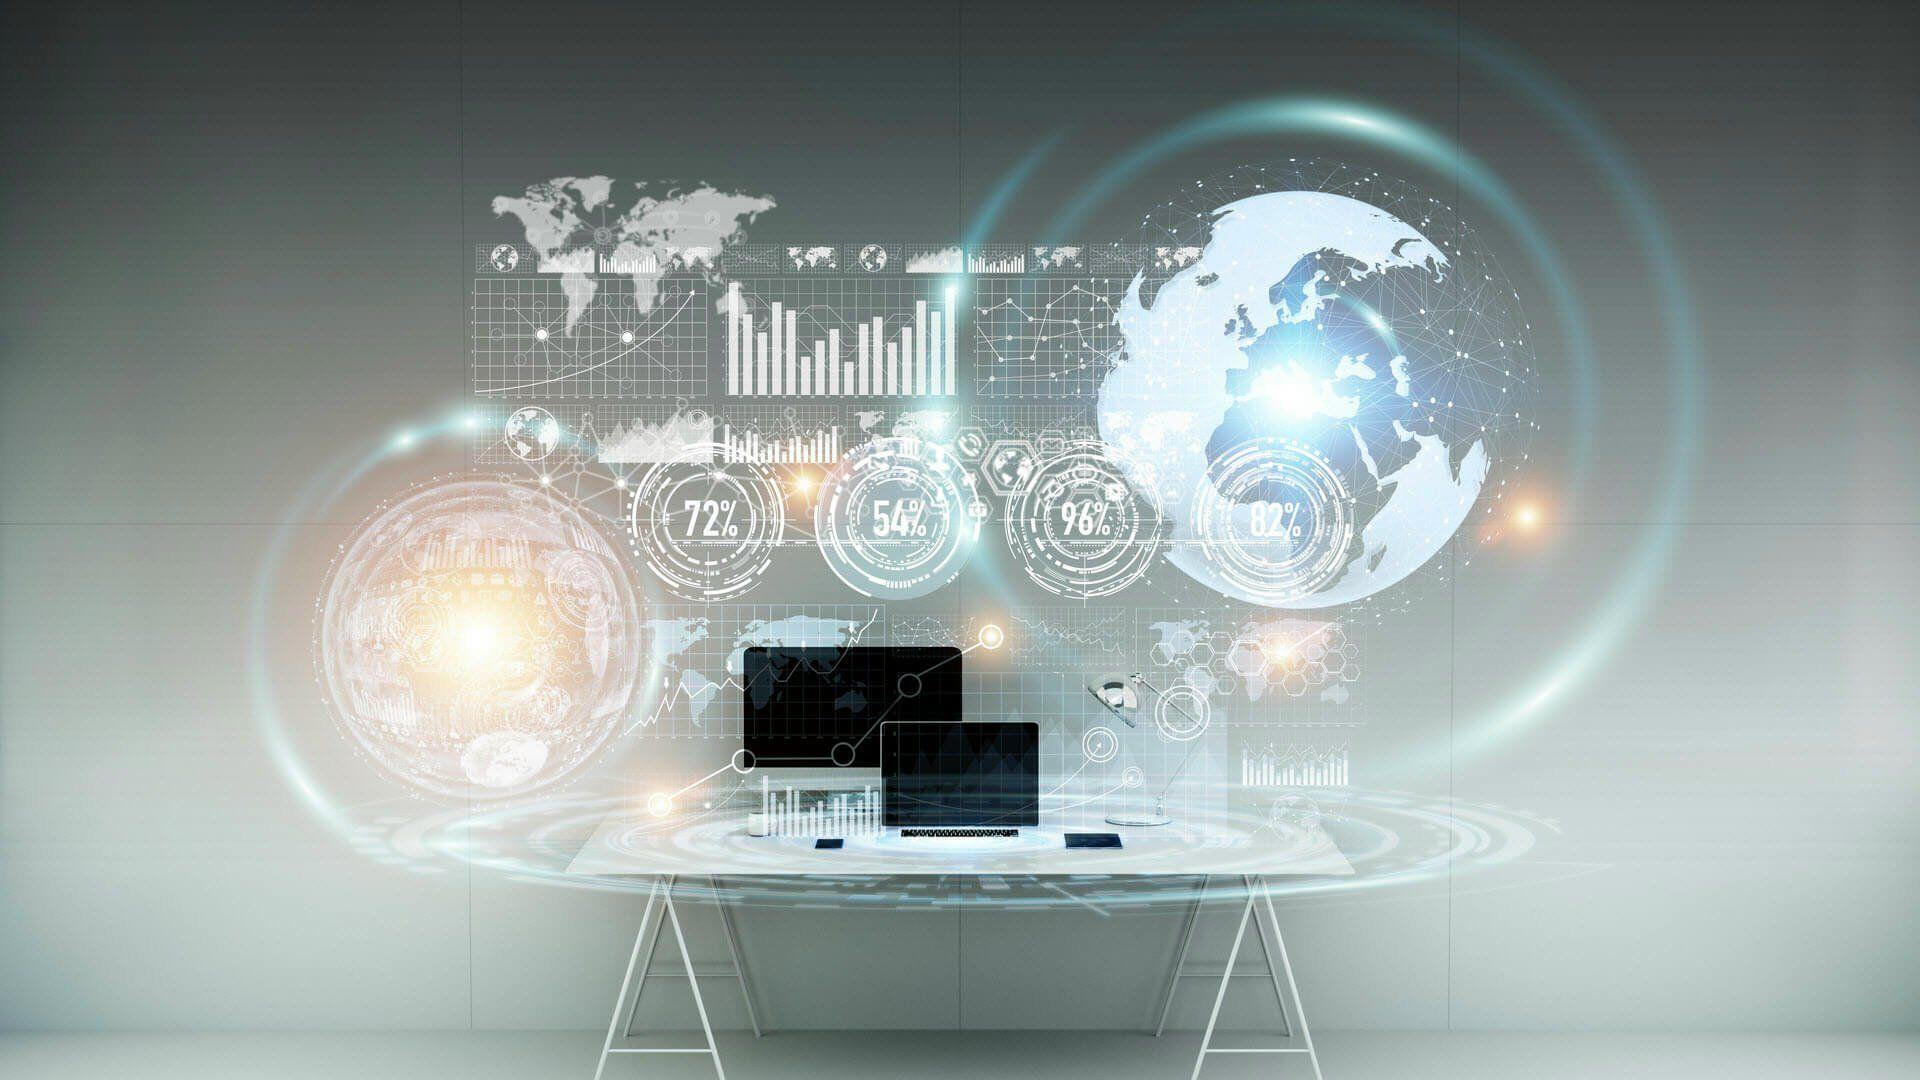 future-digital-ss-1920-digital-marketing